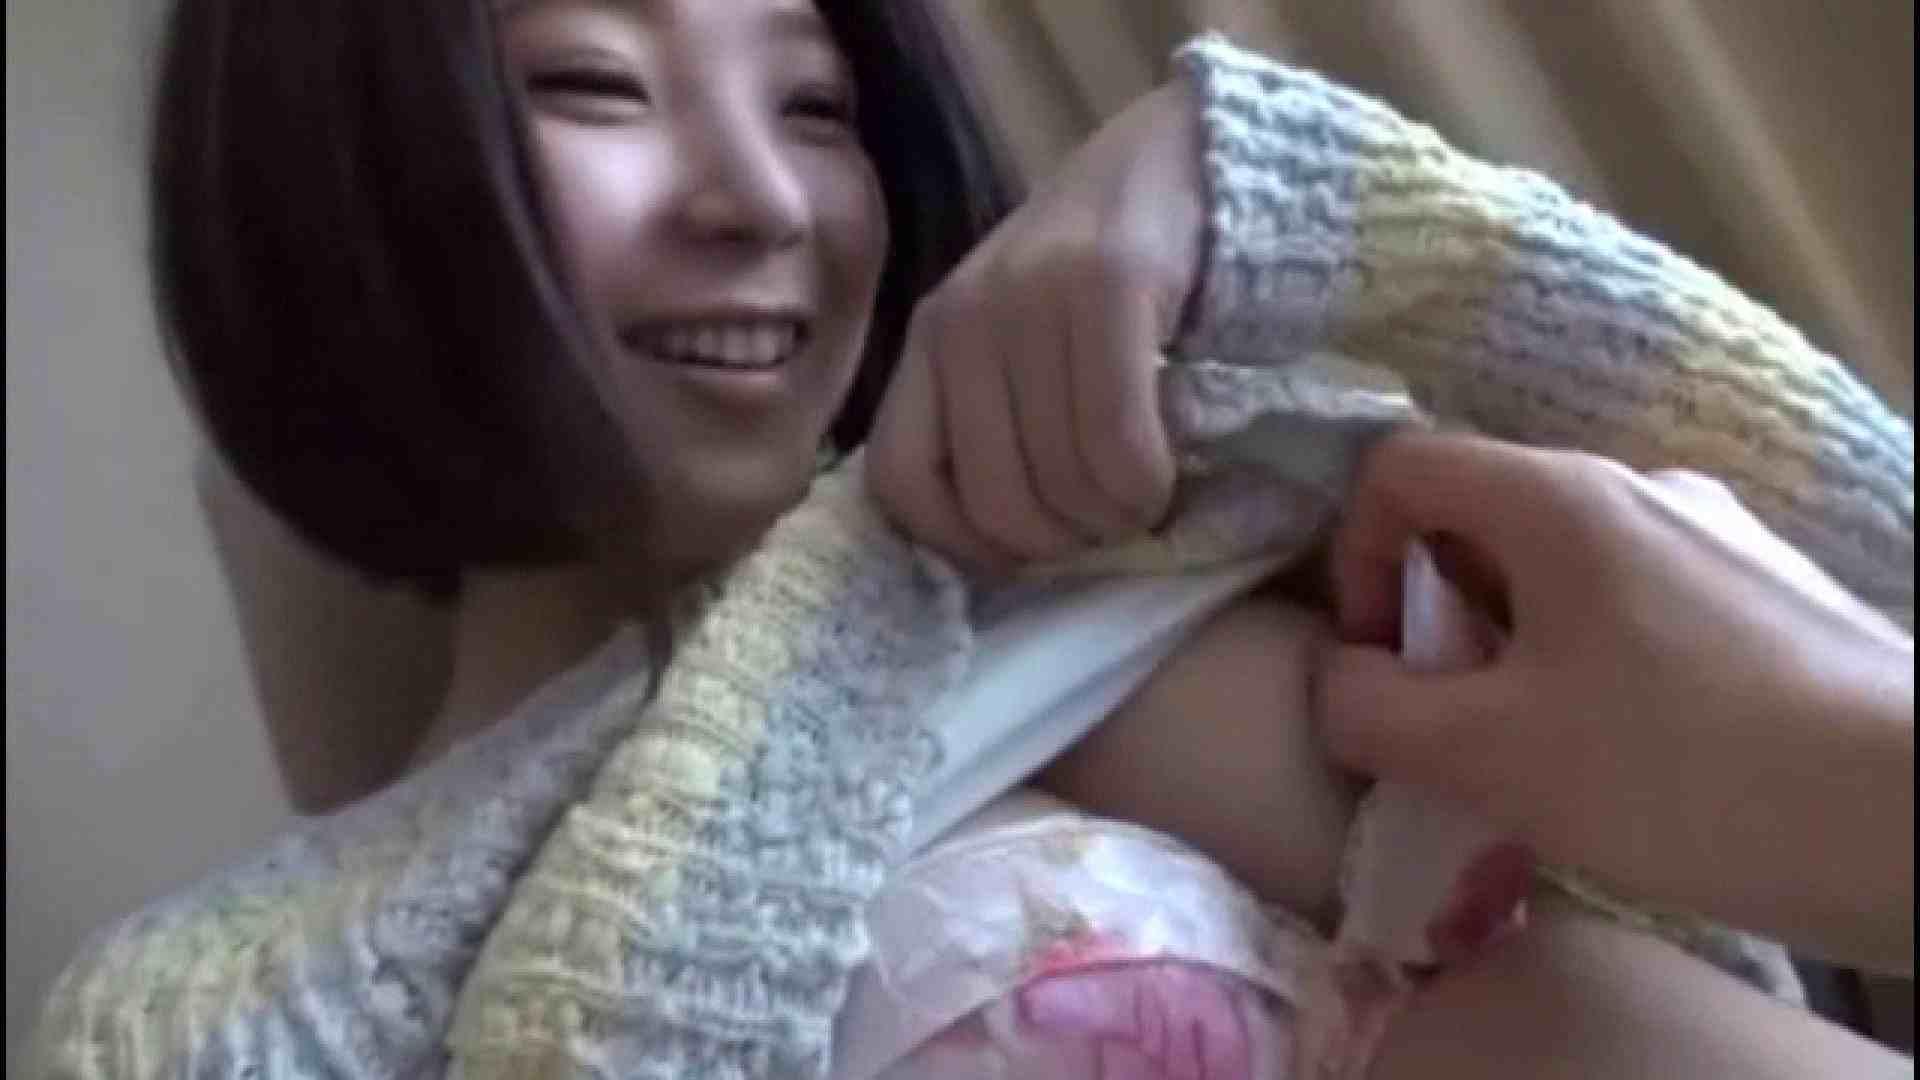 おしえてギャル子のH塾 Vol.45前編 美しいモデル   エッチすぎるOL達  57連発 10